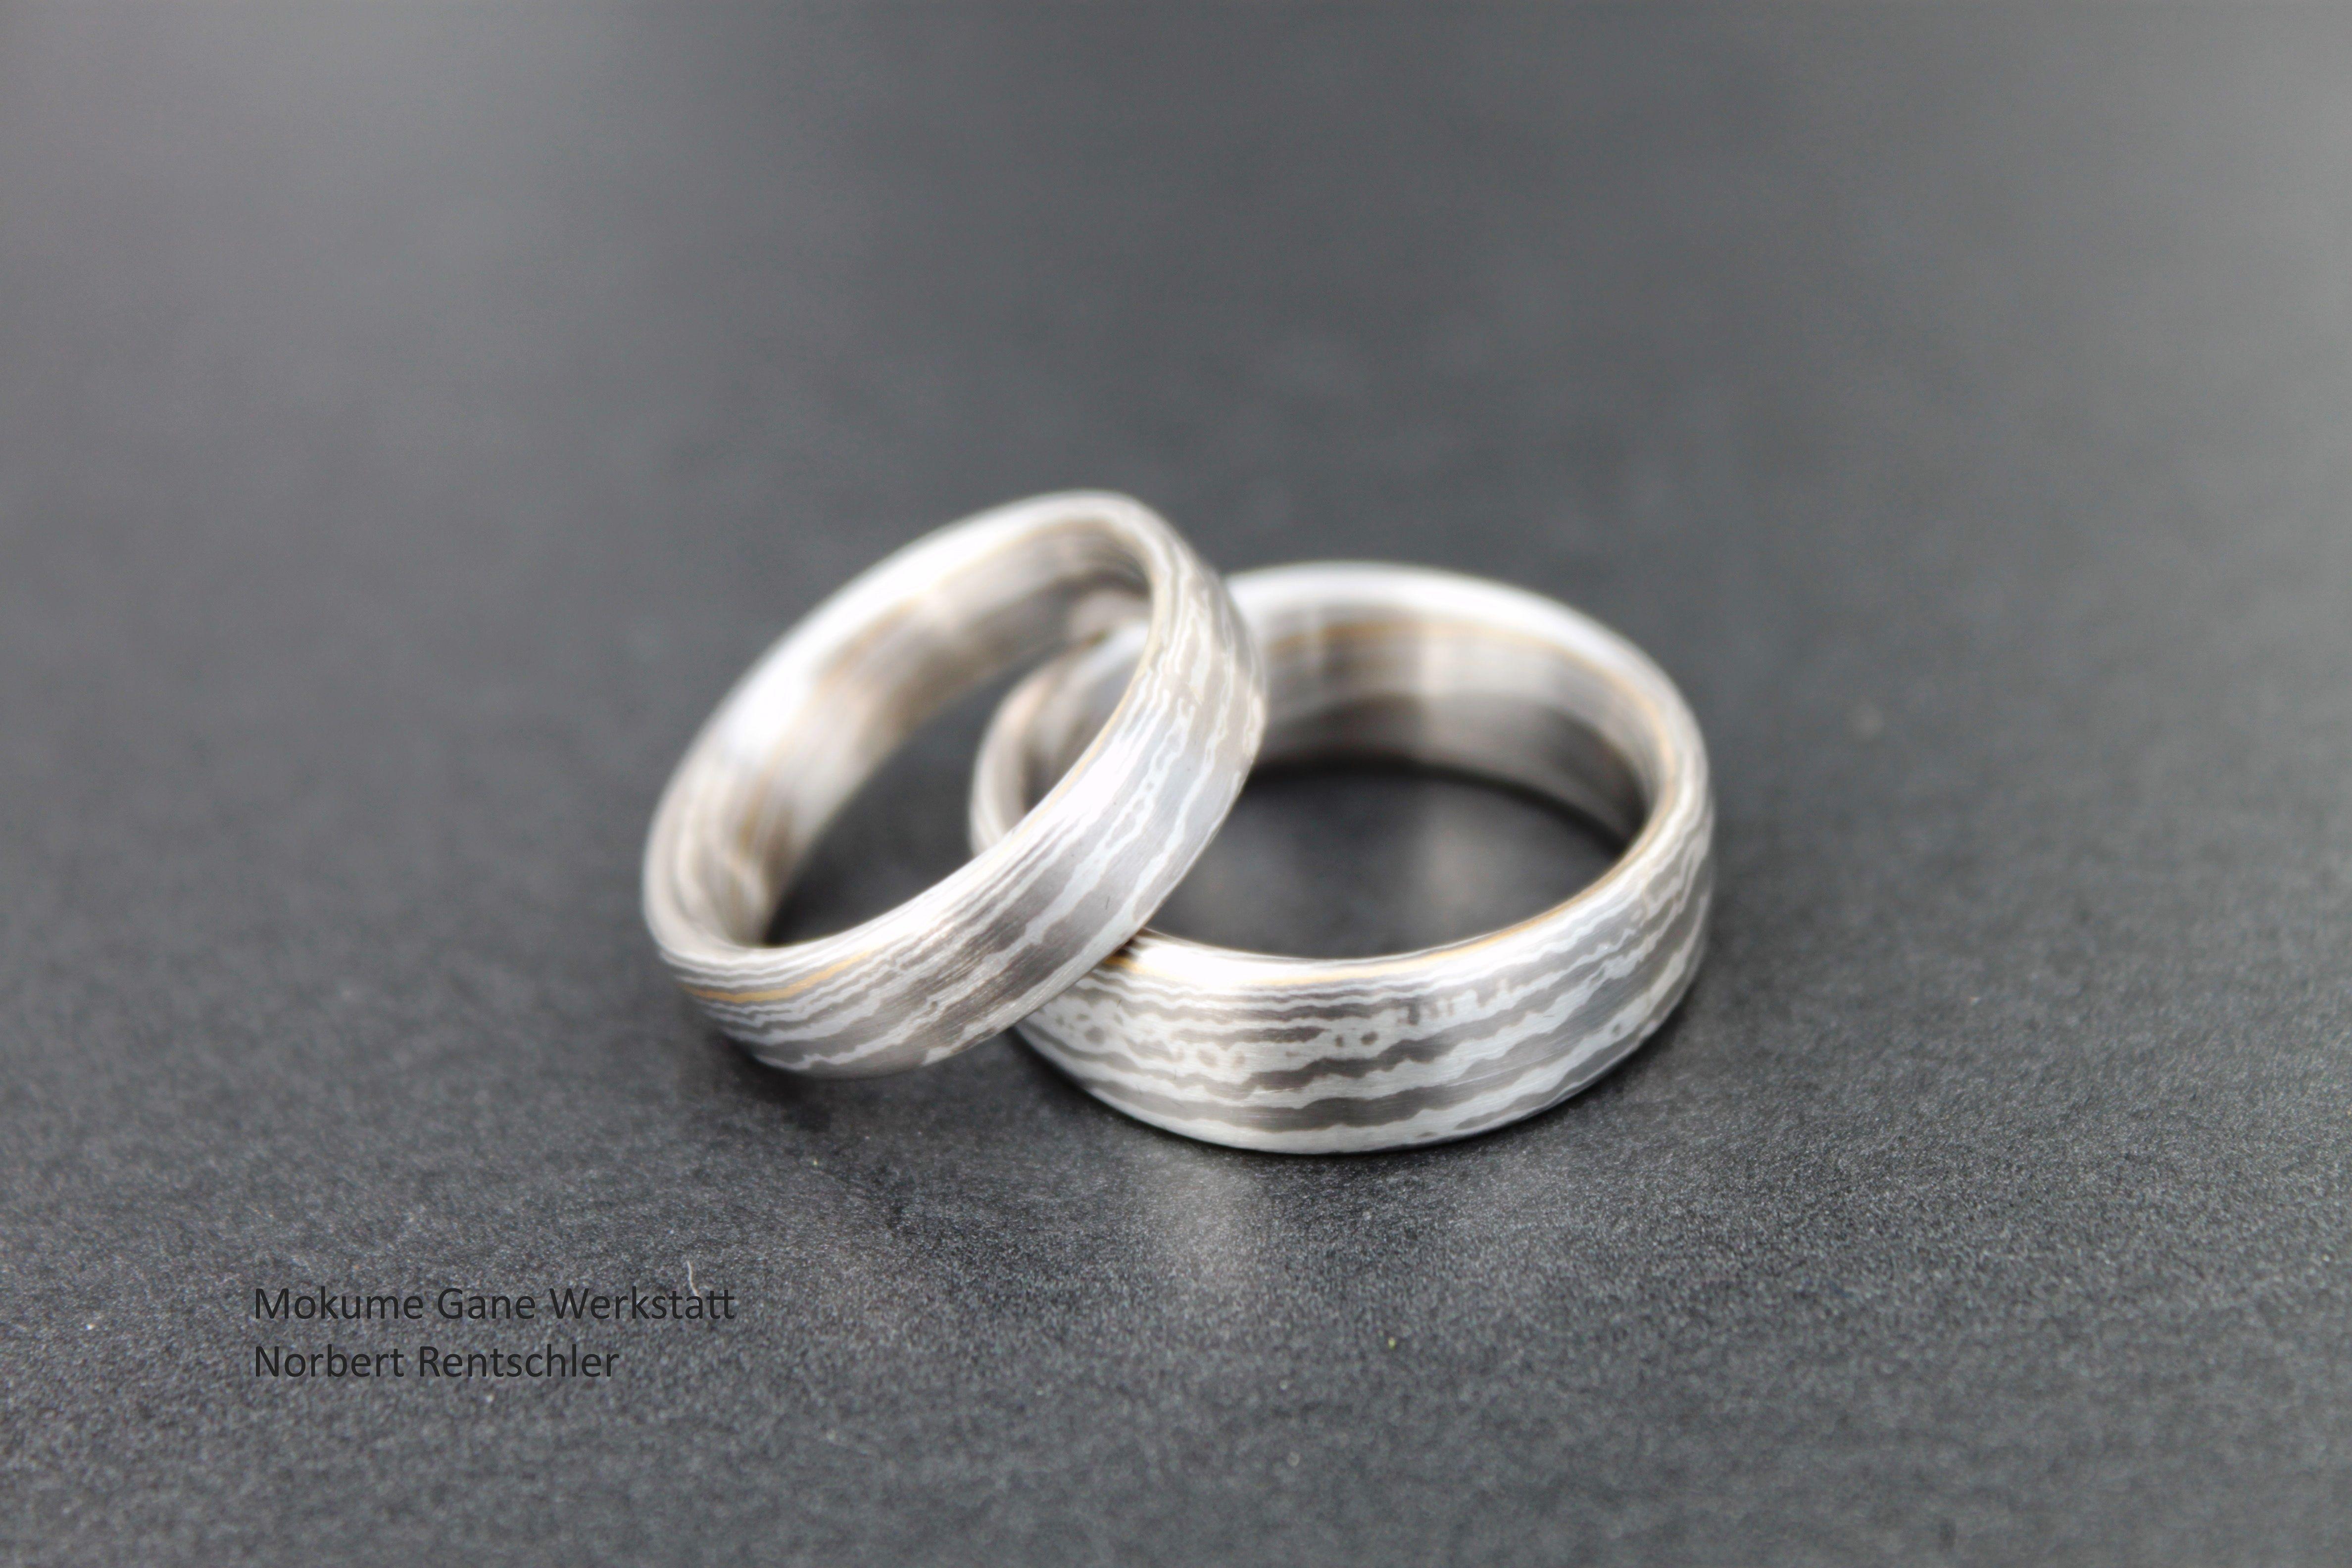 Mokume Gane Trauringe unterschiedliche Musterungen Silber